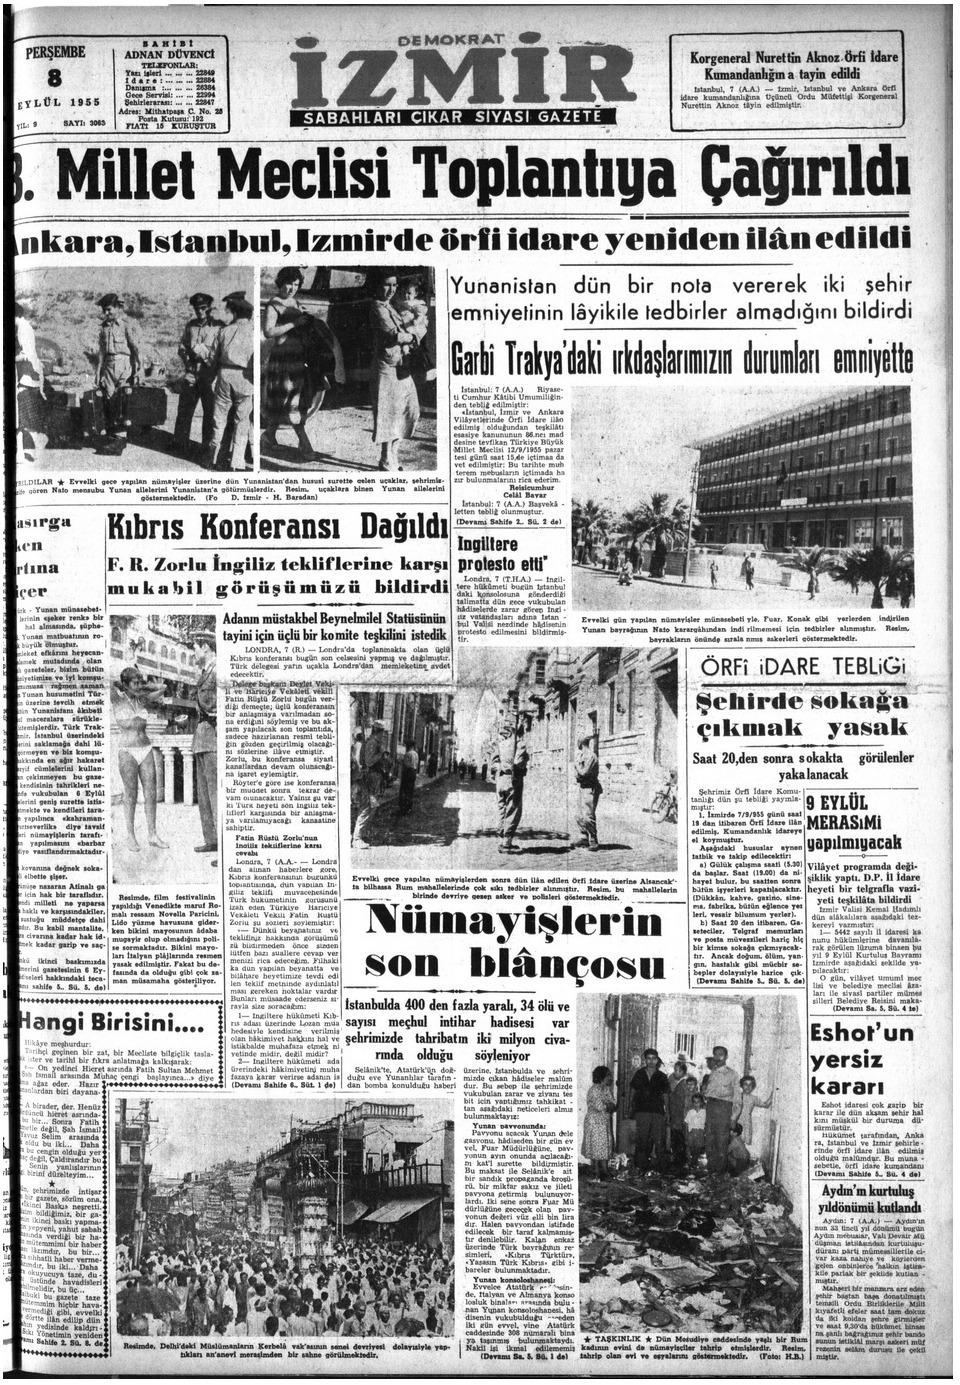 1955 izmir olaylari